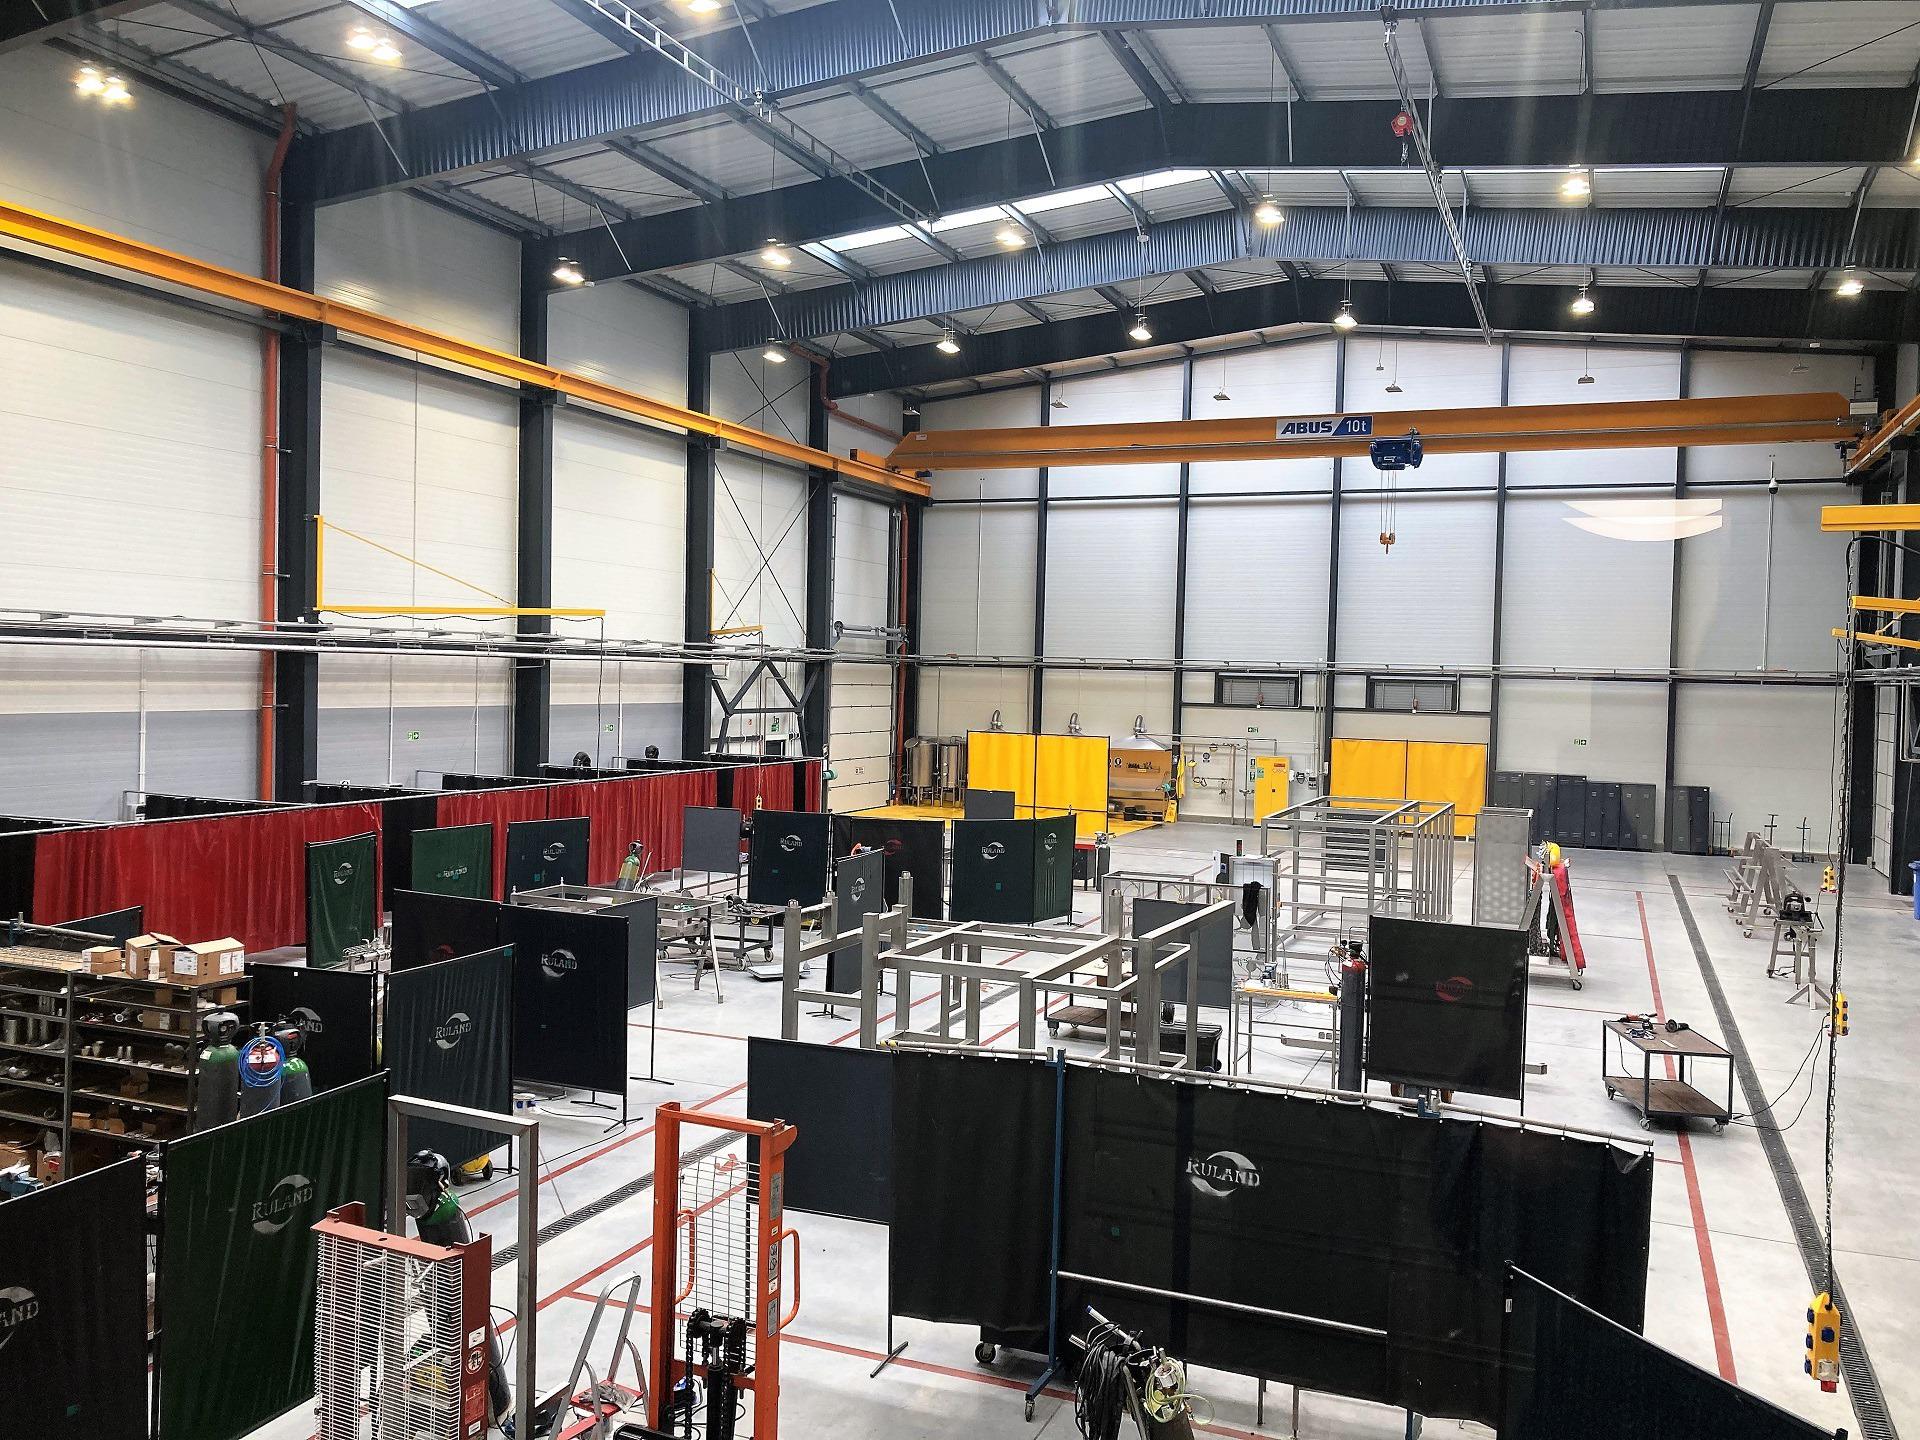 Foto: Produktionshalle von innen, Blick von oben - Tychy